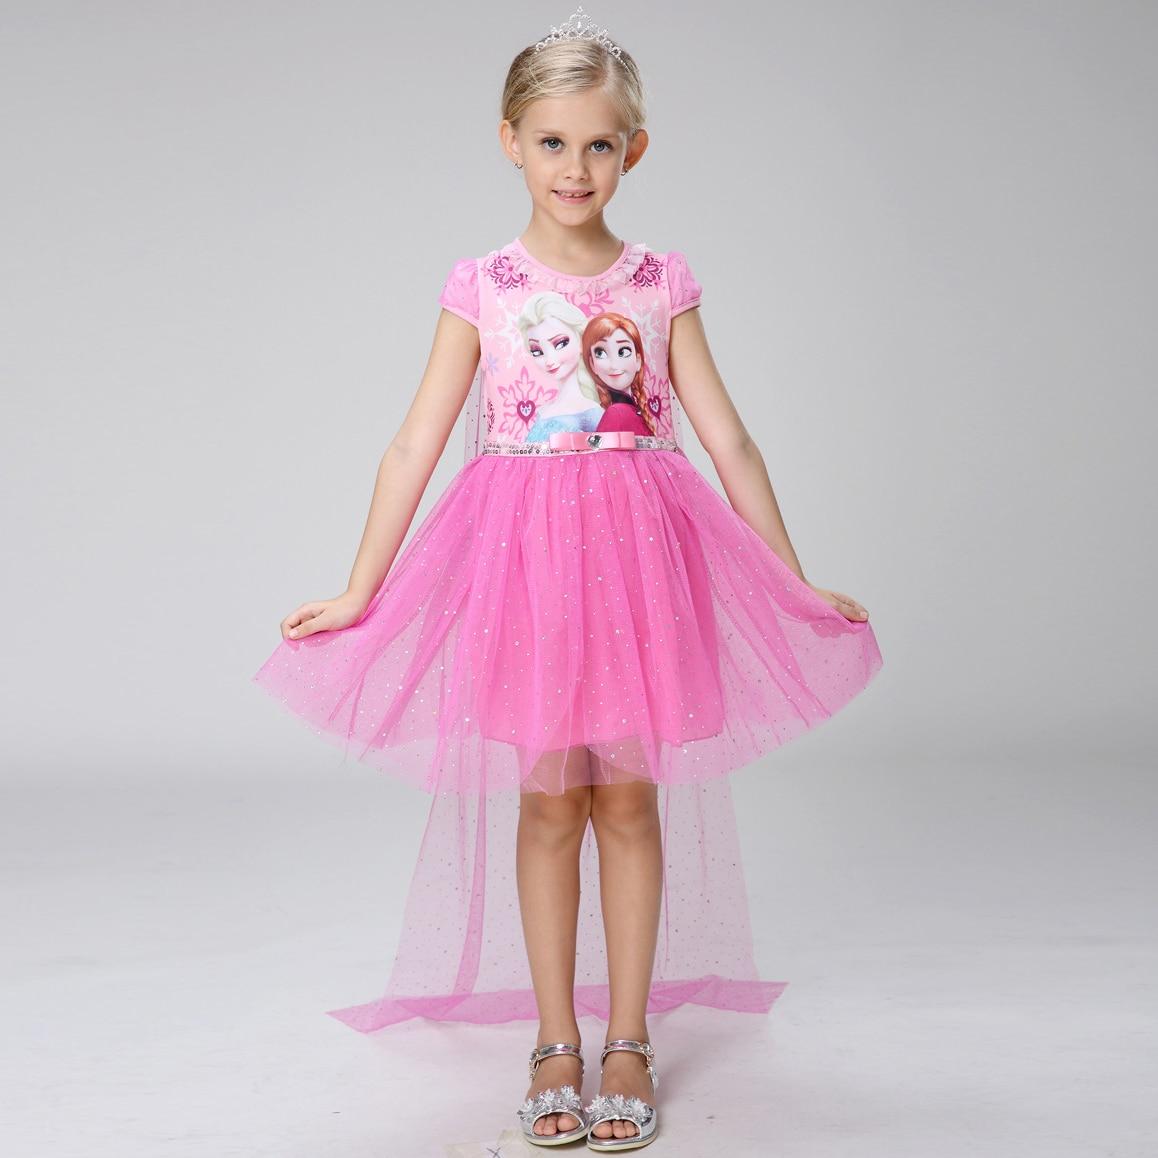 Tolle Mädchenkleider Für Partei Fotos - Brautkleider Ideen ...